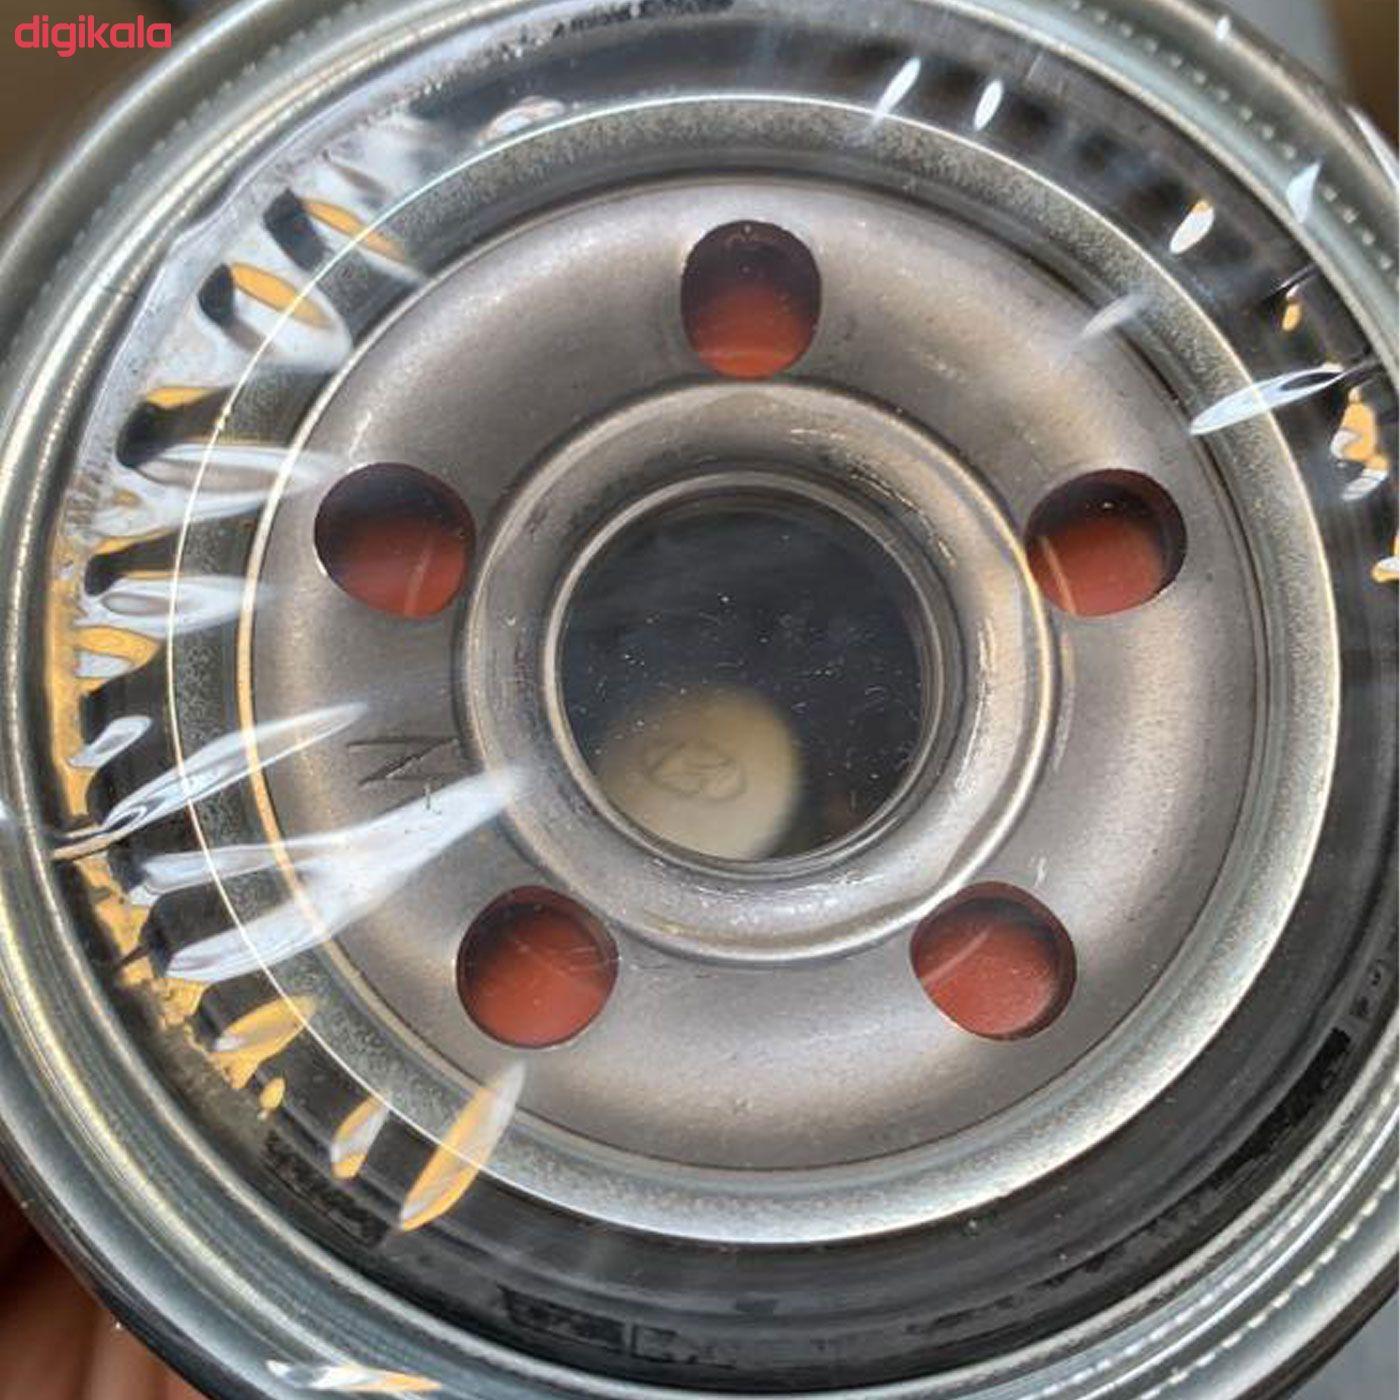 فیلتر روغن خودرو هیوندای جنیون پارتس مدل 35505 مناسب برای هیوندای اکسنت main 1 3